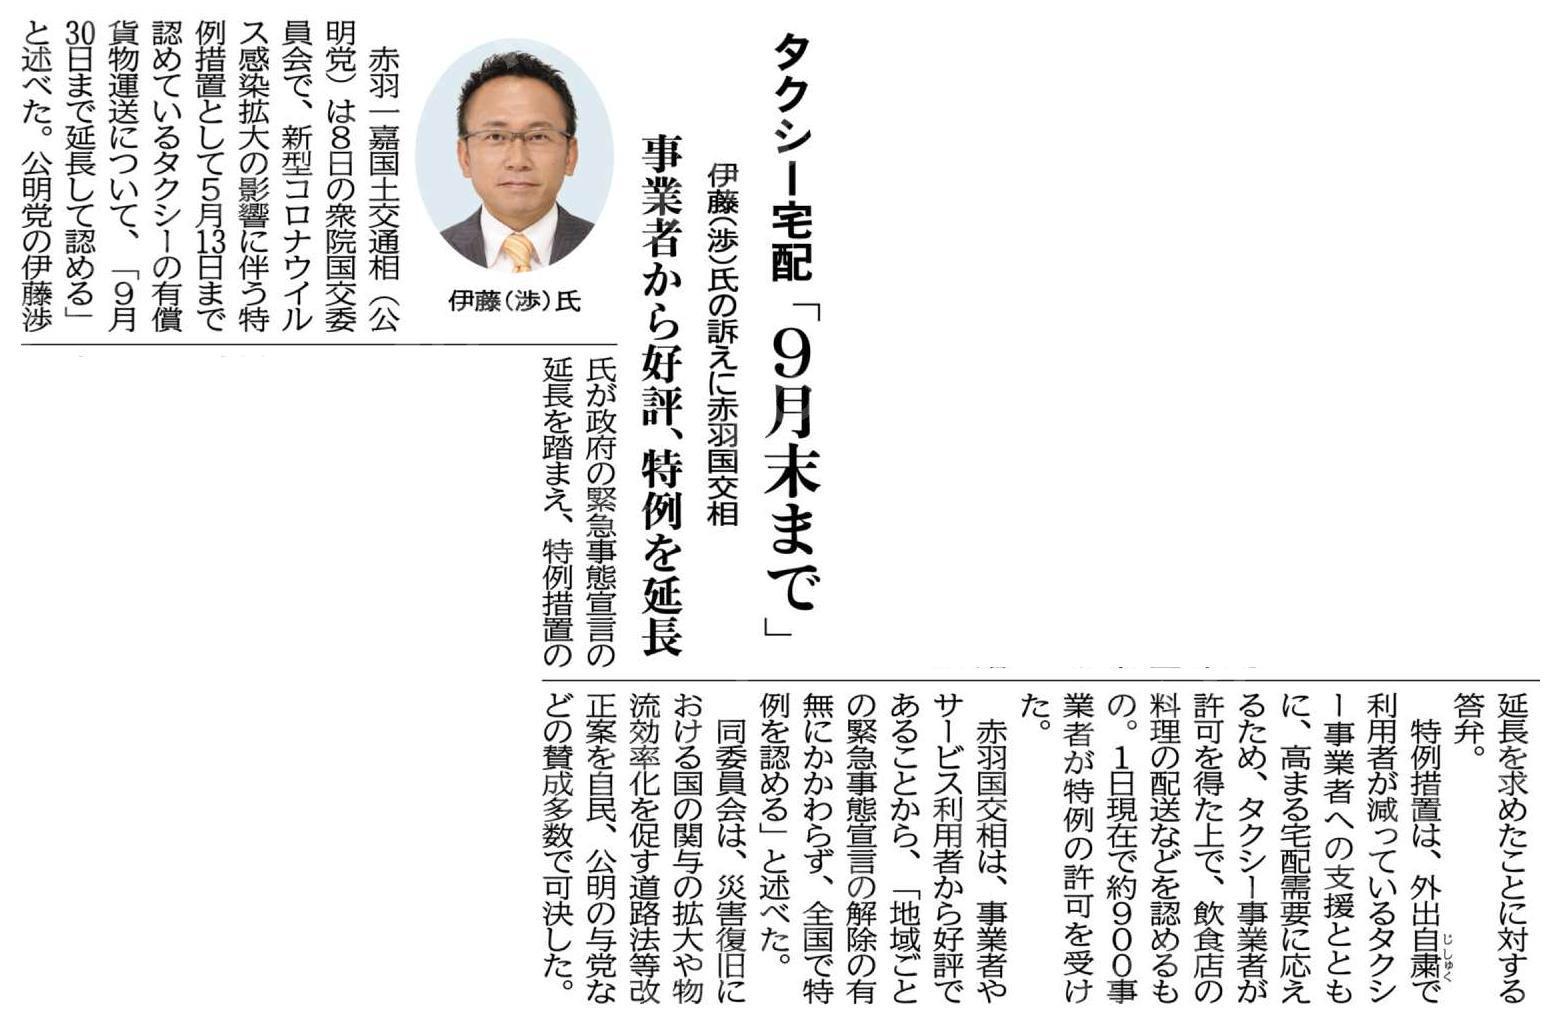 タクシー宅配「9月末まで」/事業者から好評、特例を延長/伊藤(渉)氏の訴えに赤羽国交相